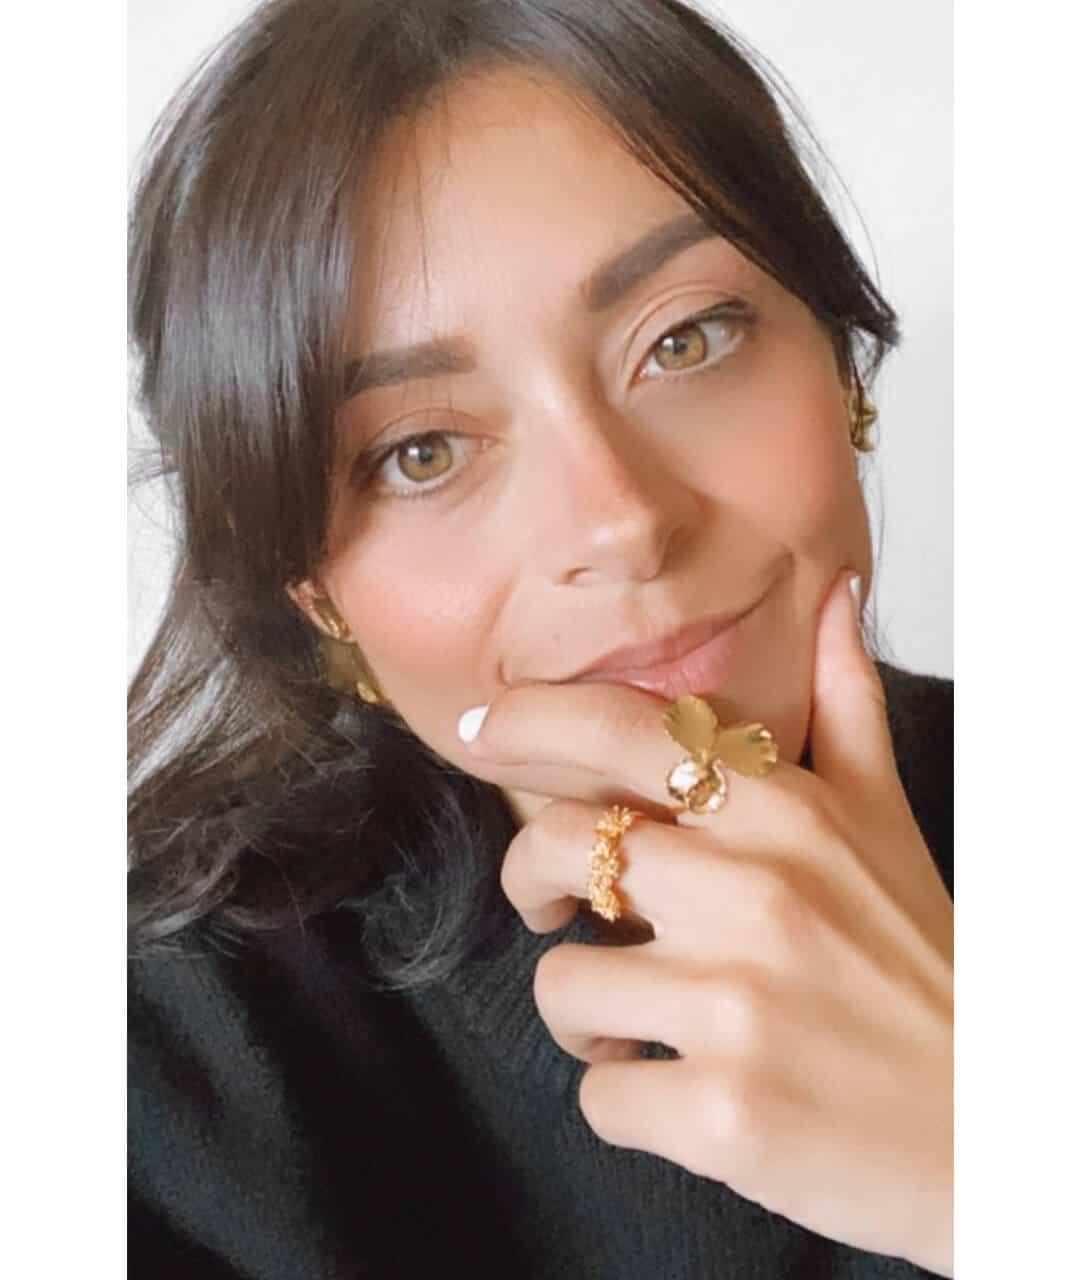 Valérianne Laulhé Fondatrice du site Frenchie.fr